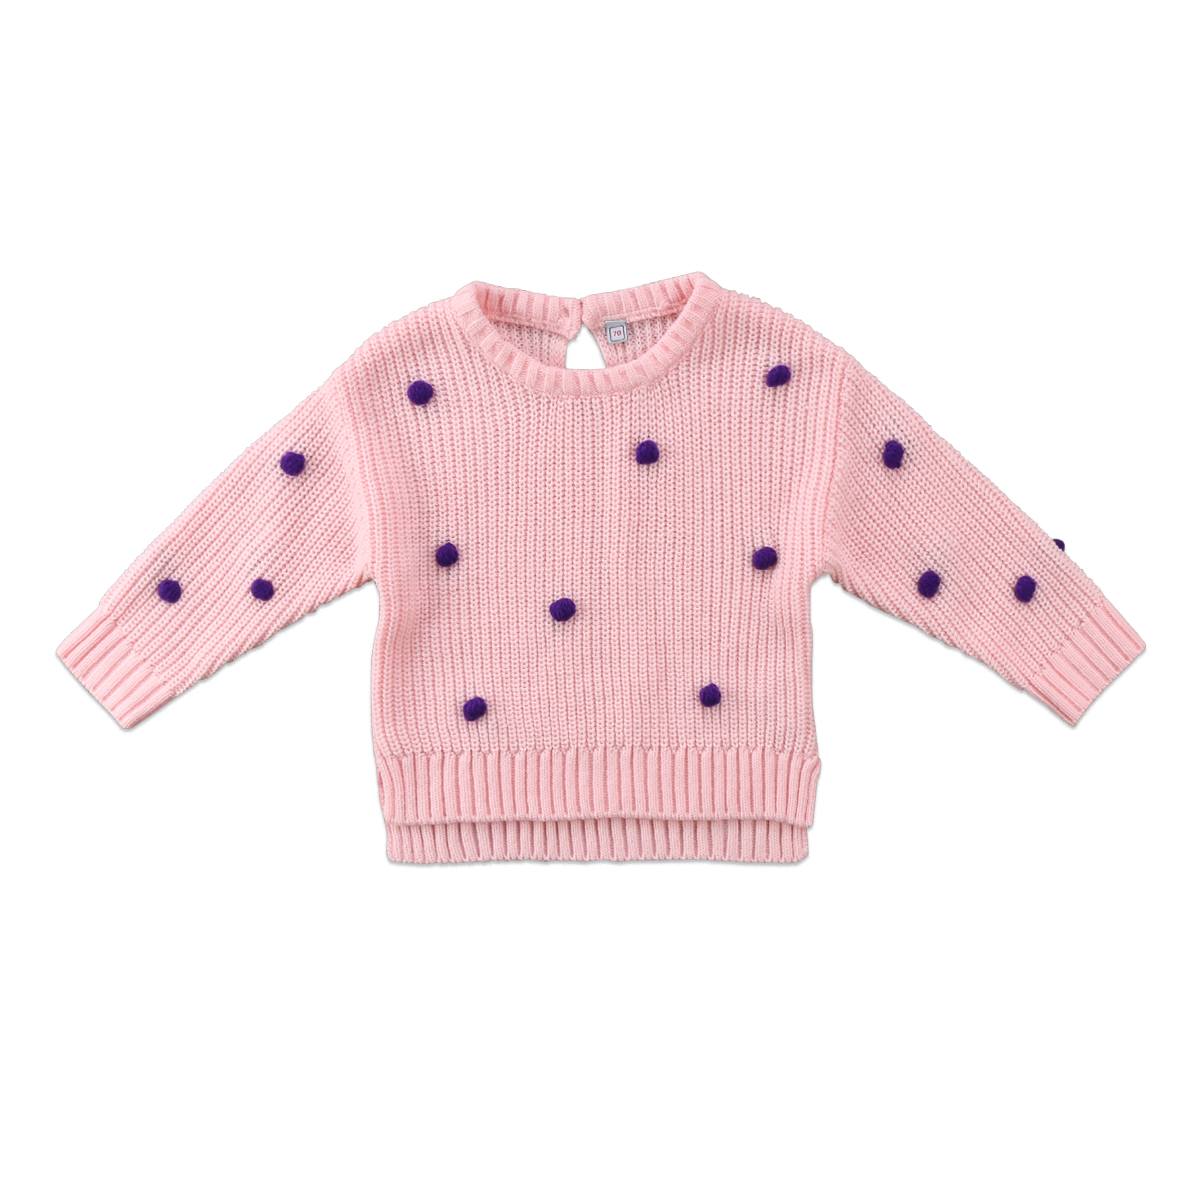 2017 Mädchen Pullover Herbst Kleinkind Baby Kinder Mädchen Langarm Pullover Pullover Hemd Tops